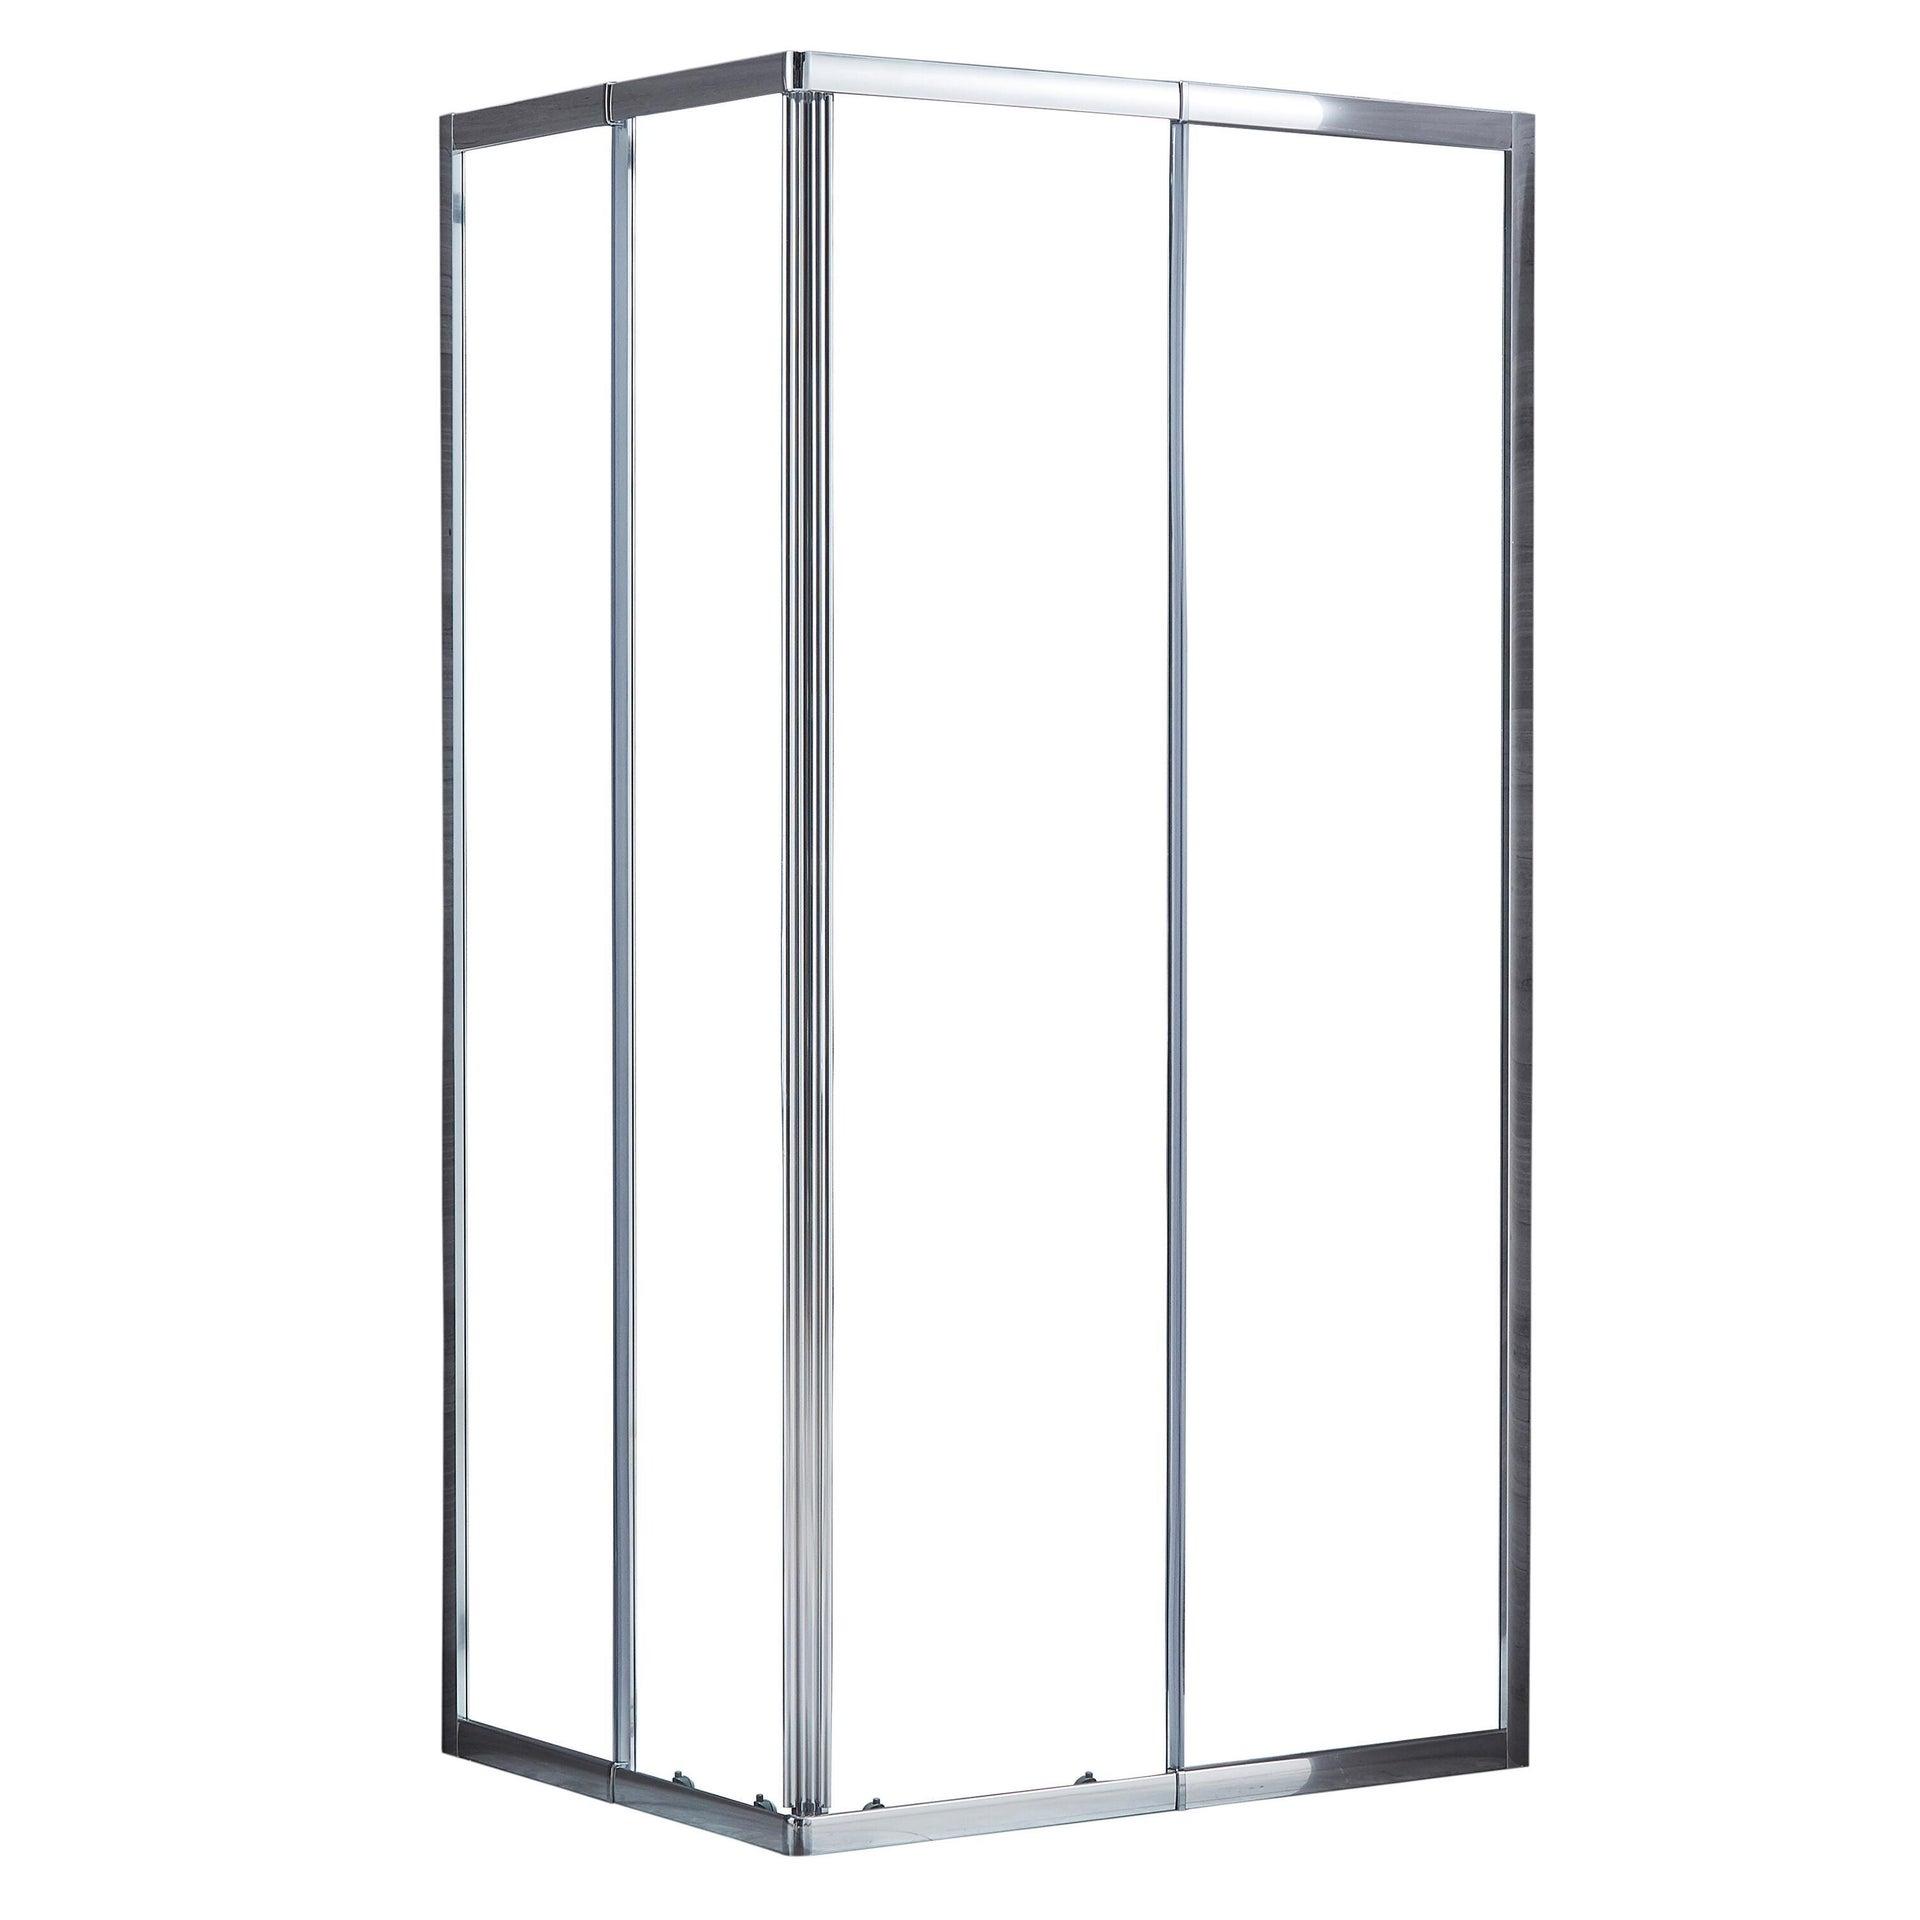 Box doccia rettangolare scorrevole Essential 70 x 100 cm, H 185 cm in vetro temprato, spessore 4 mm trasparente cromato - 4